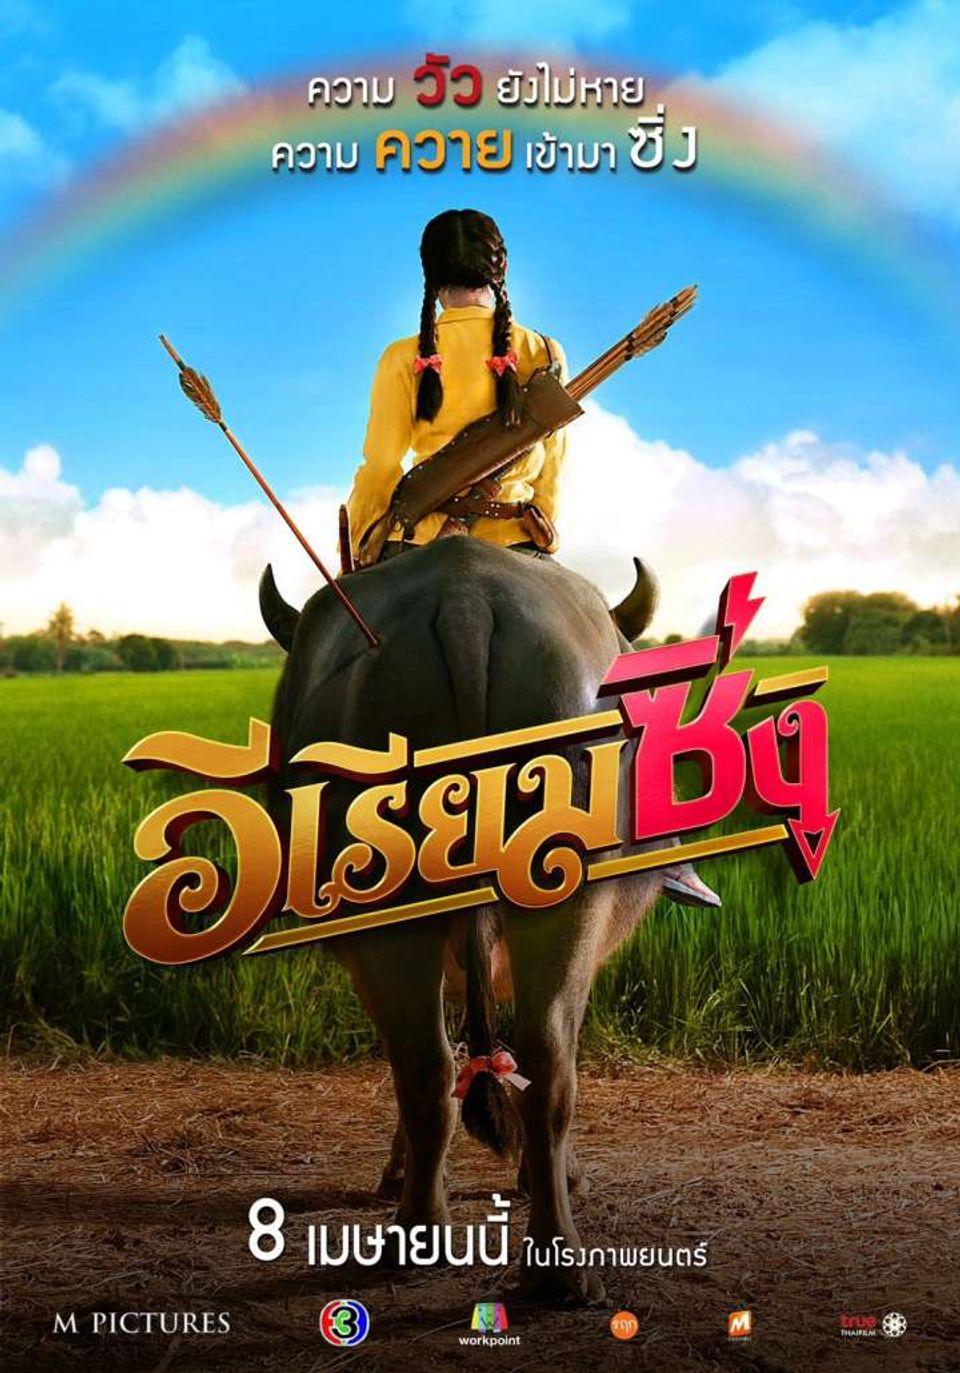 เผยข้อมูลหนังไทยสายฮาของภาพยนตร์ อีเรียมซิ่ง ก่อนเข้าฉาย 19 พฤศจิกายนนี้ ในโรงภาพยนตร์